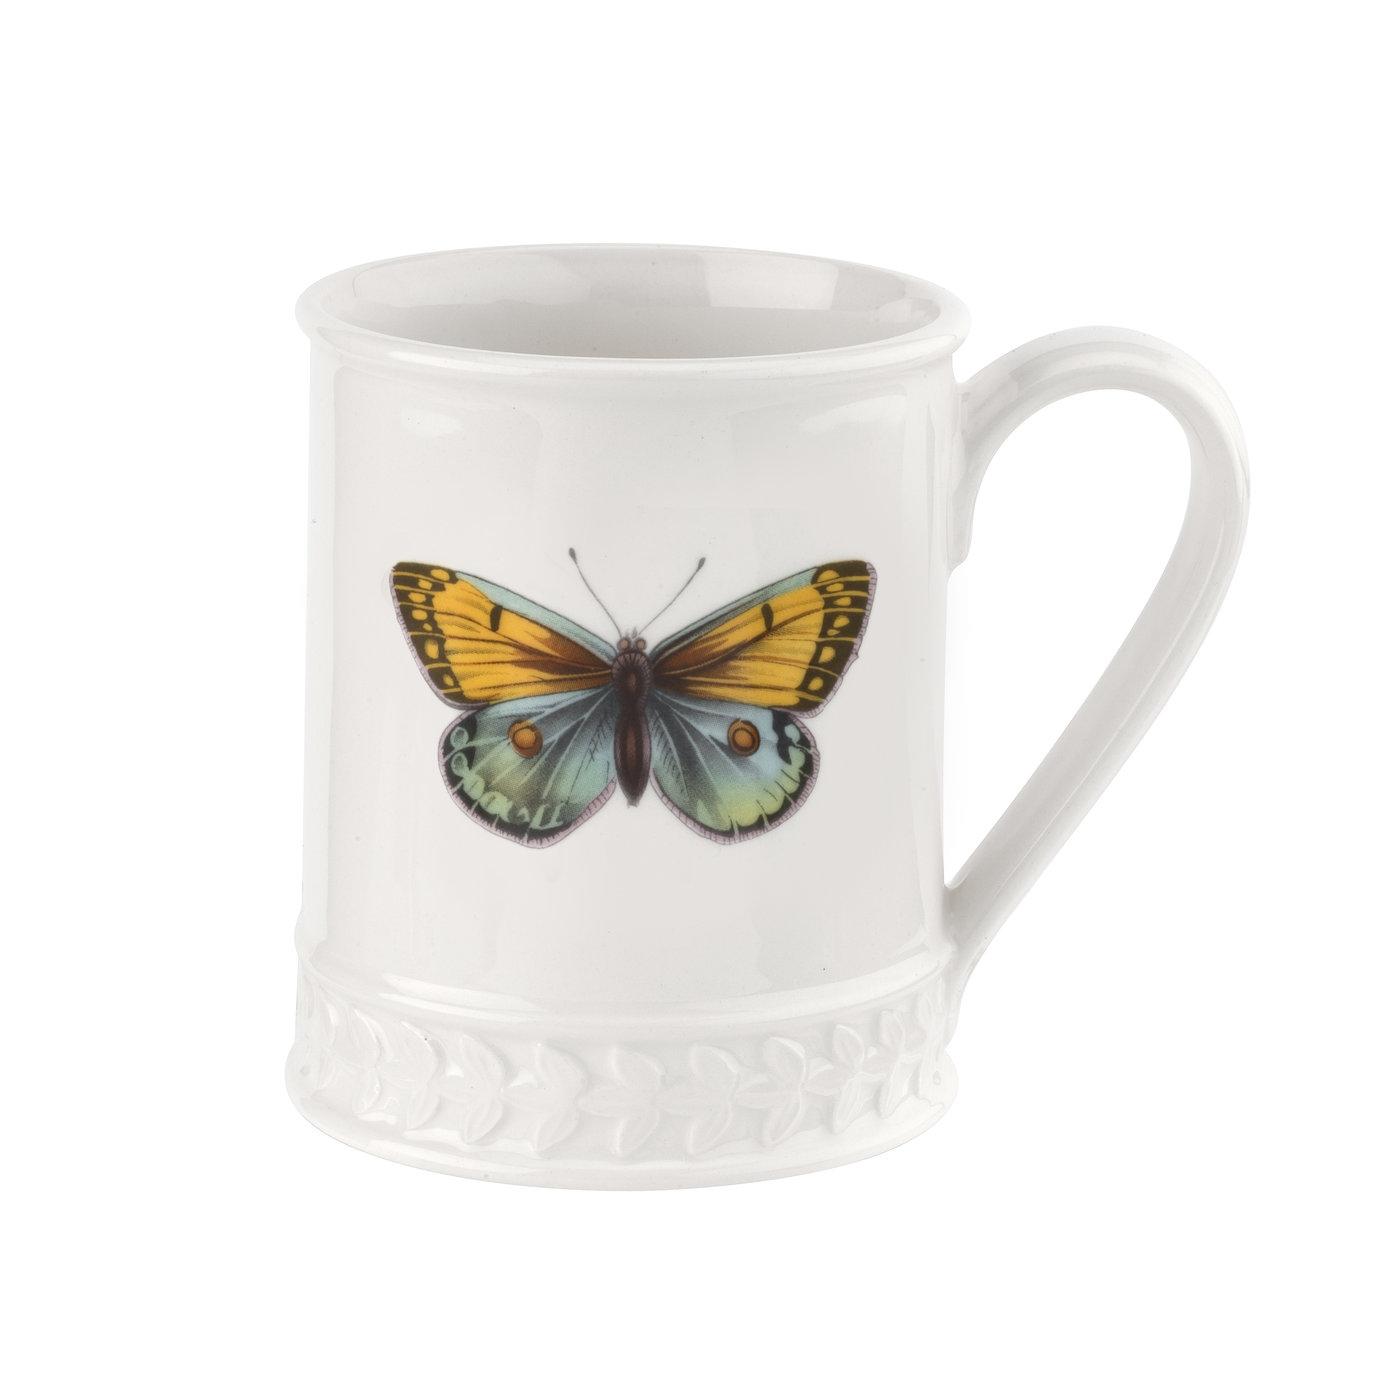 포트메리온 '보타닉 가든 하모니' 나비 머그 Portmeirion Botanic Garden Harmony Embossed 12 oz Tankard-Amber Blue Butterfly